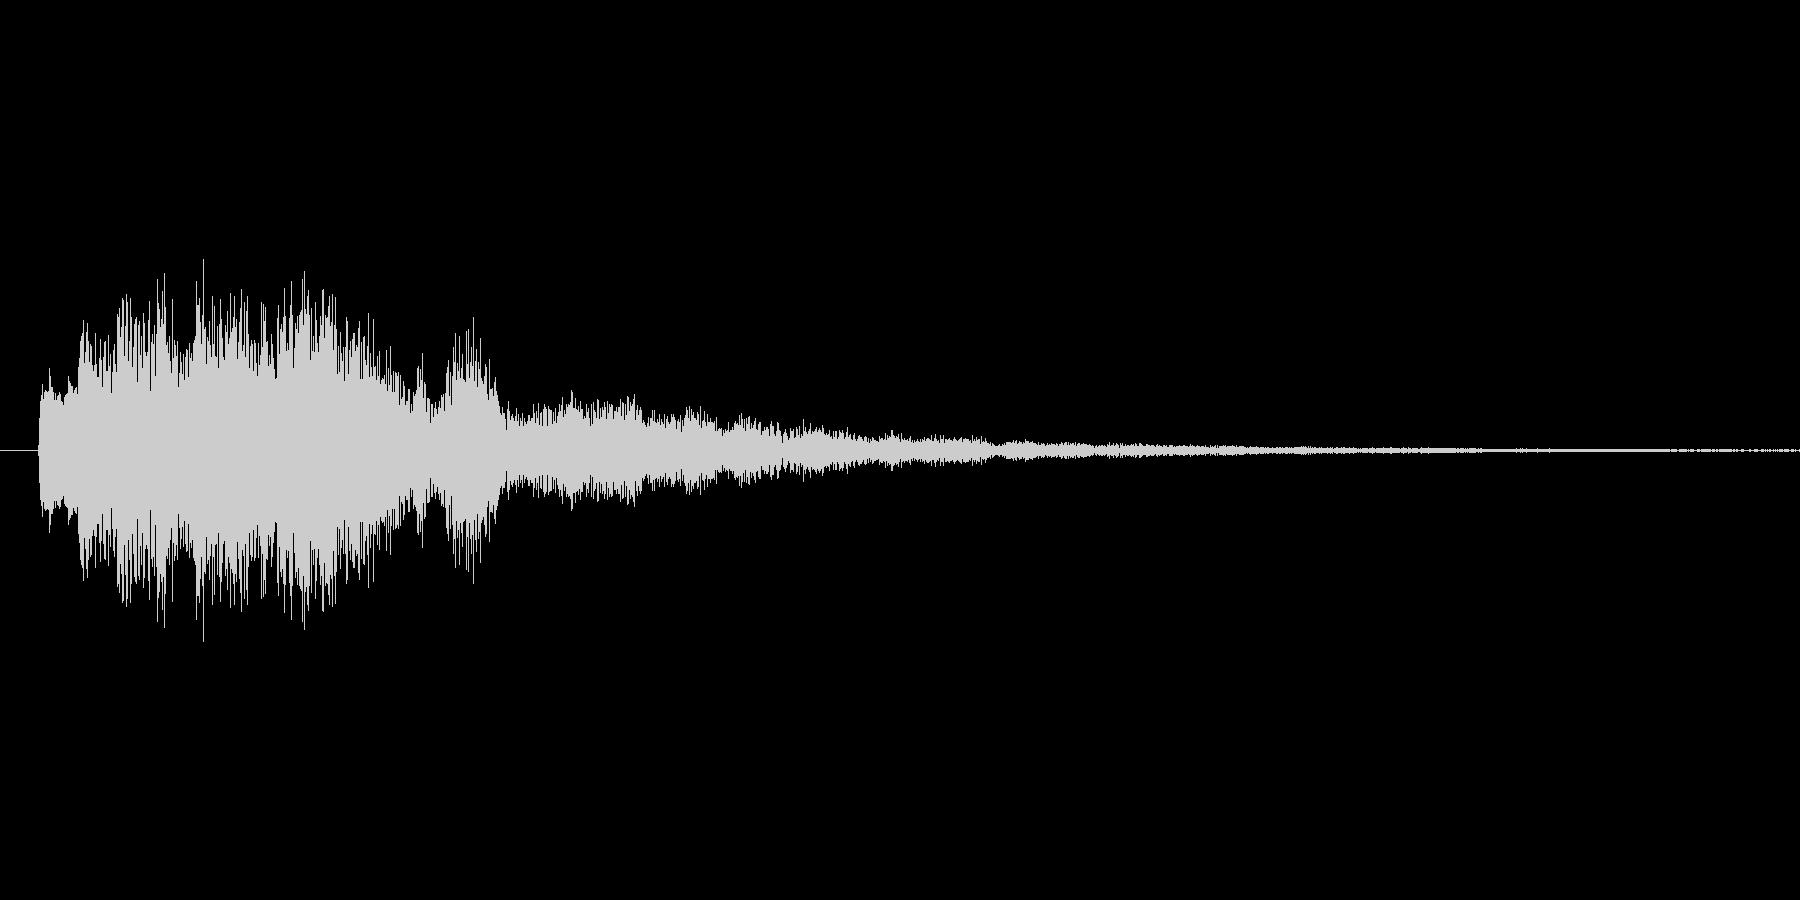 キラーーーン #61の未再生の波形